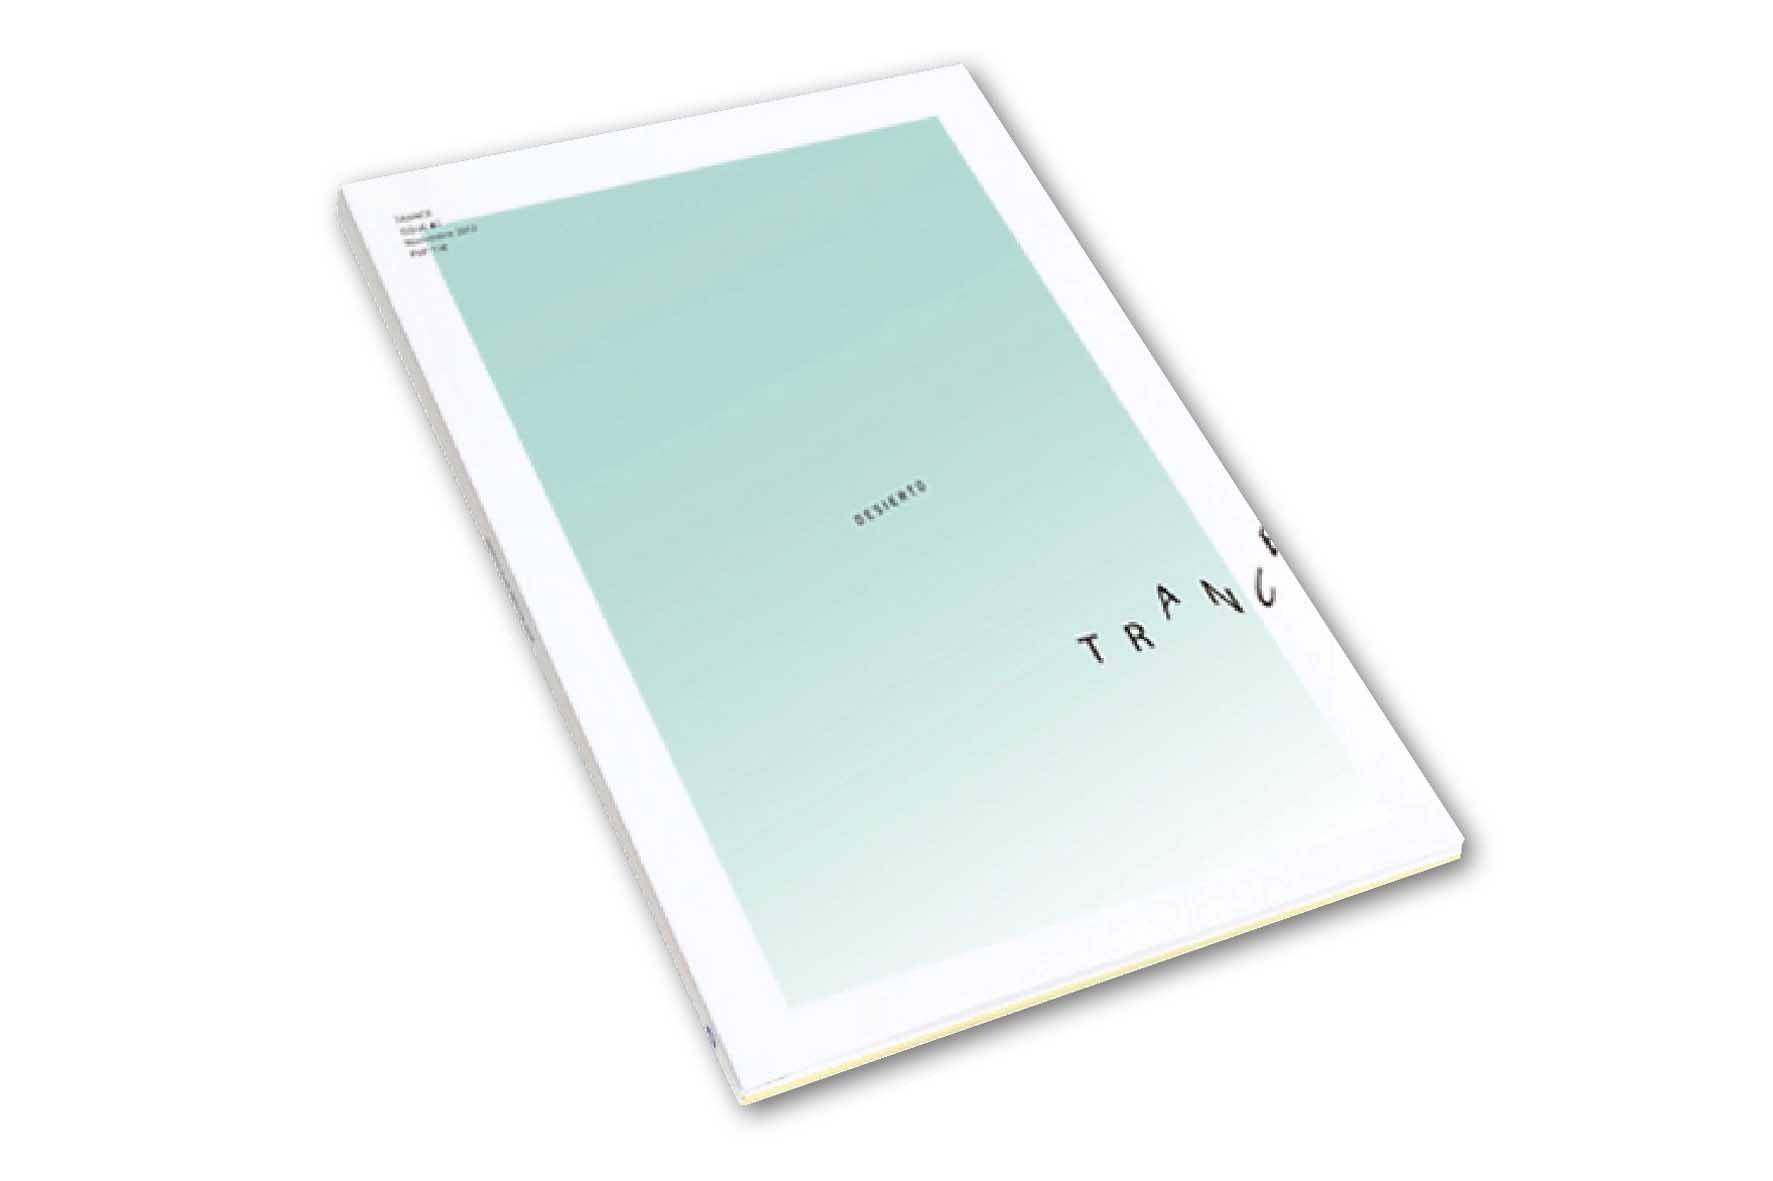 Revista Desierto #1 Trance / Paper Architectural Histamine, © PAPER Architectural Histamine